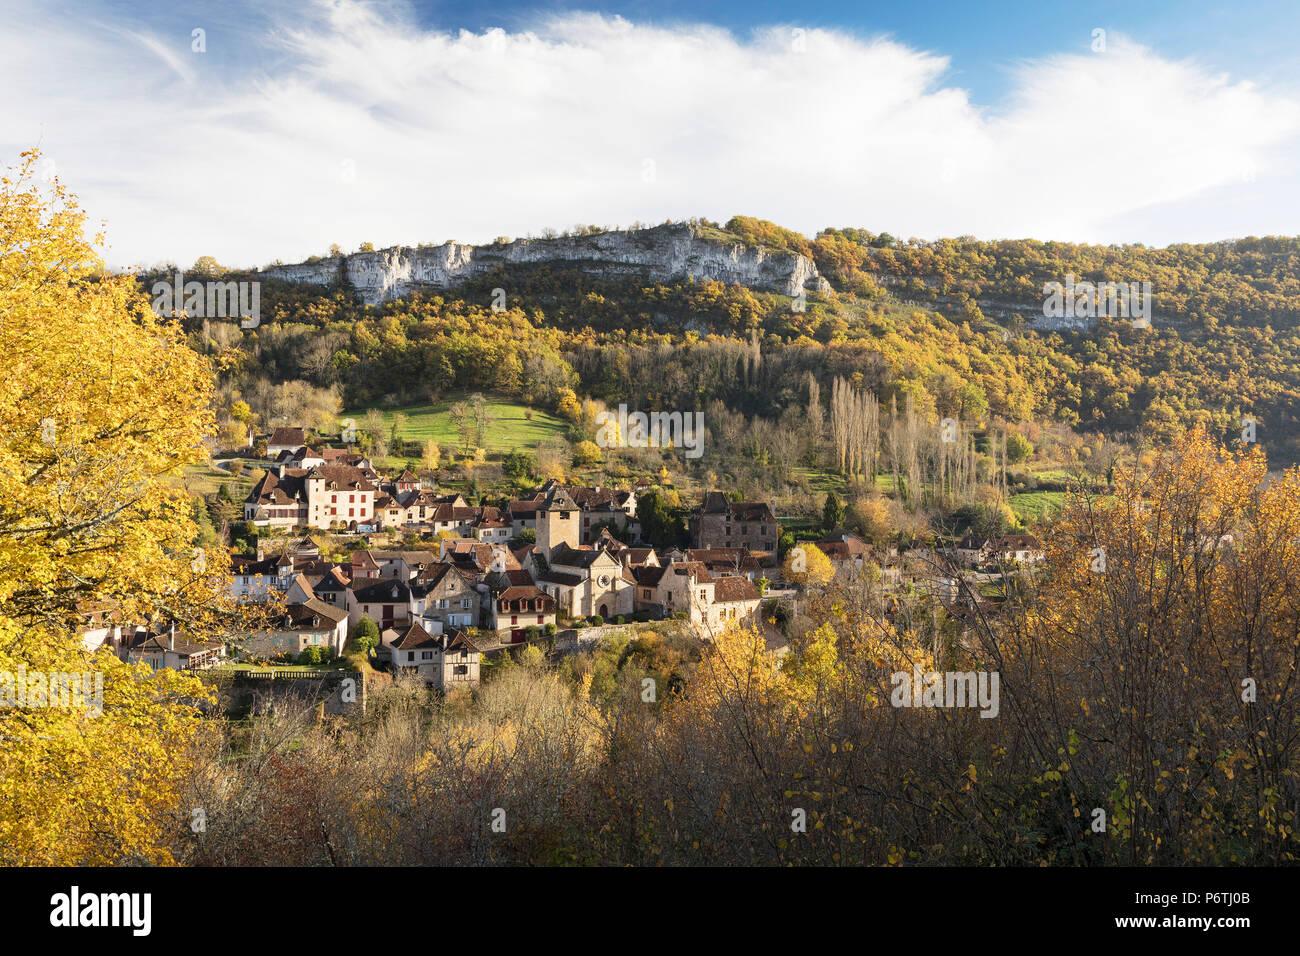 Il villaggio di Autoire in autunno, Lot, Midi-Pirenei, Francia Immagini Stock